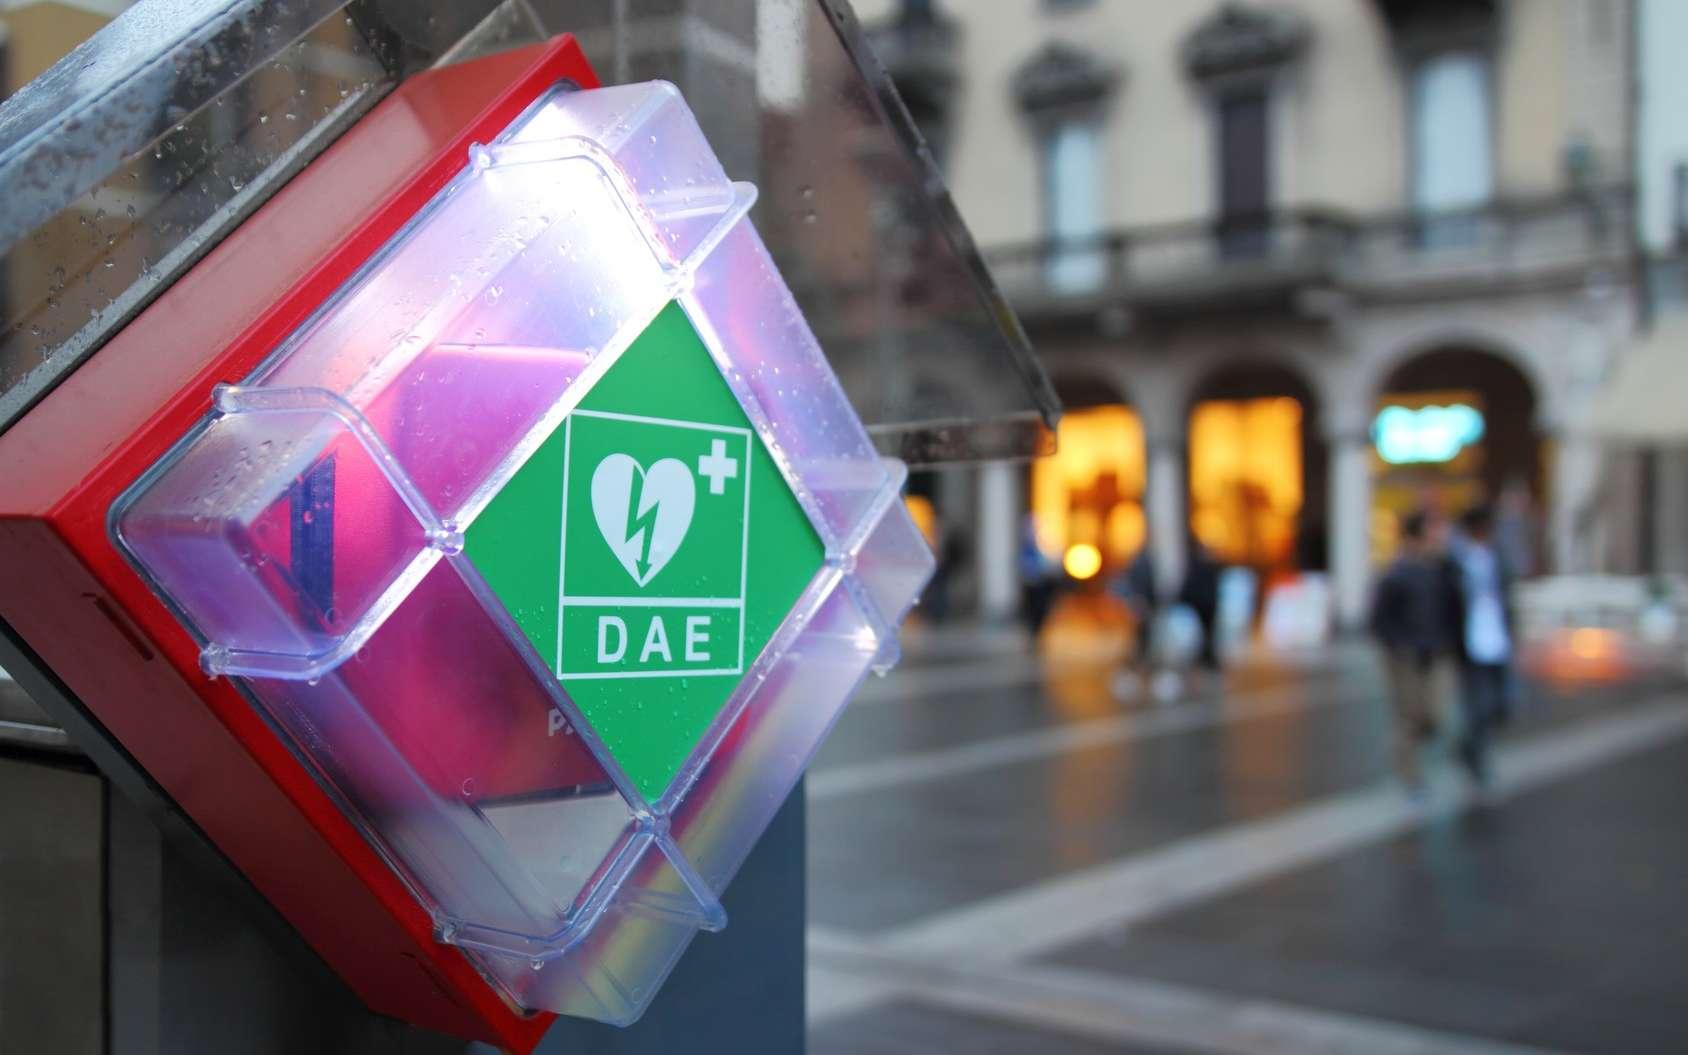 Des défibrillateurs sont présents dans les lieux publics. © EurekA_89 Gervasio S, Fotolia